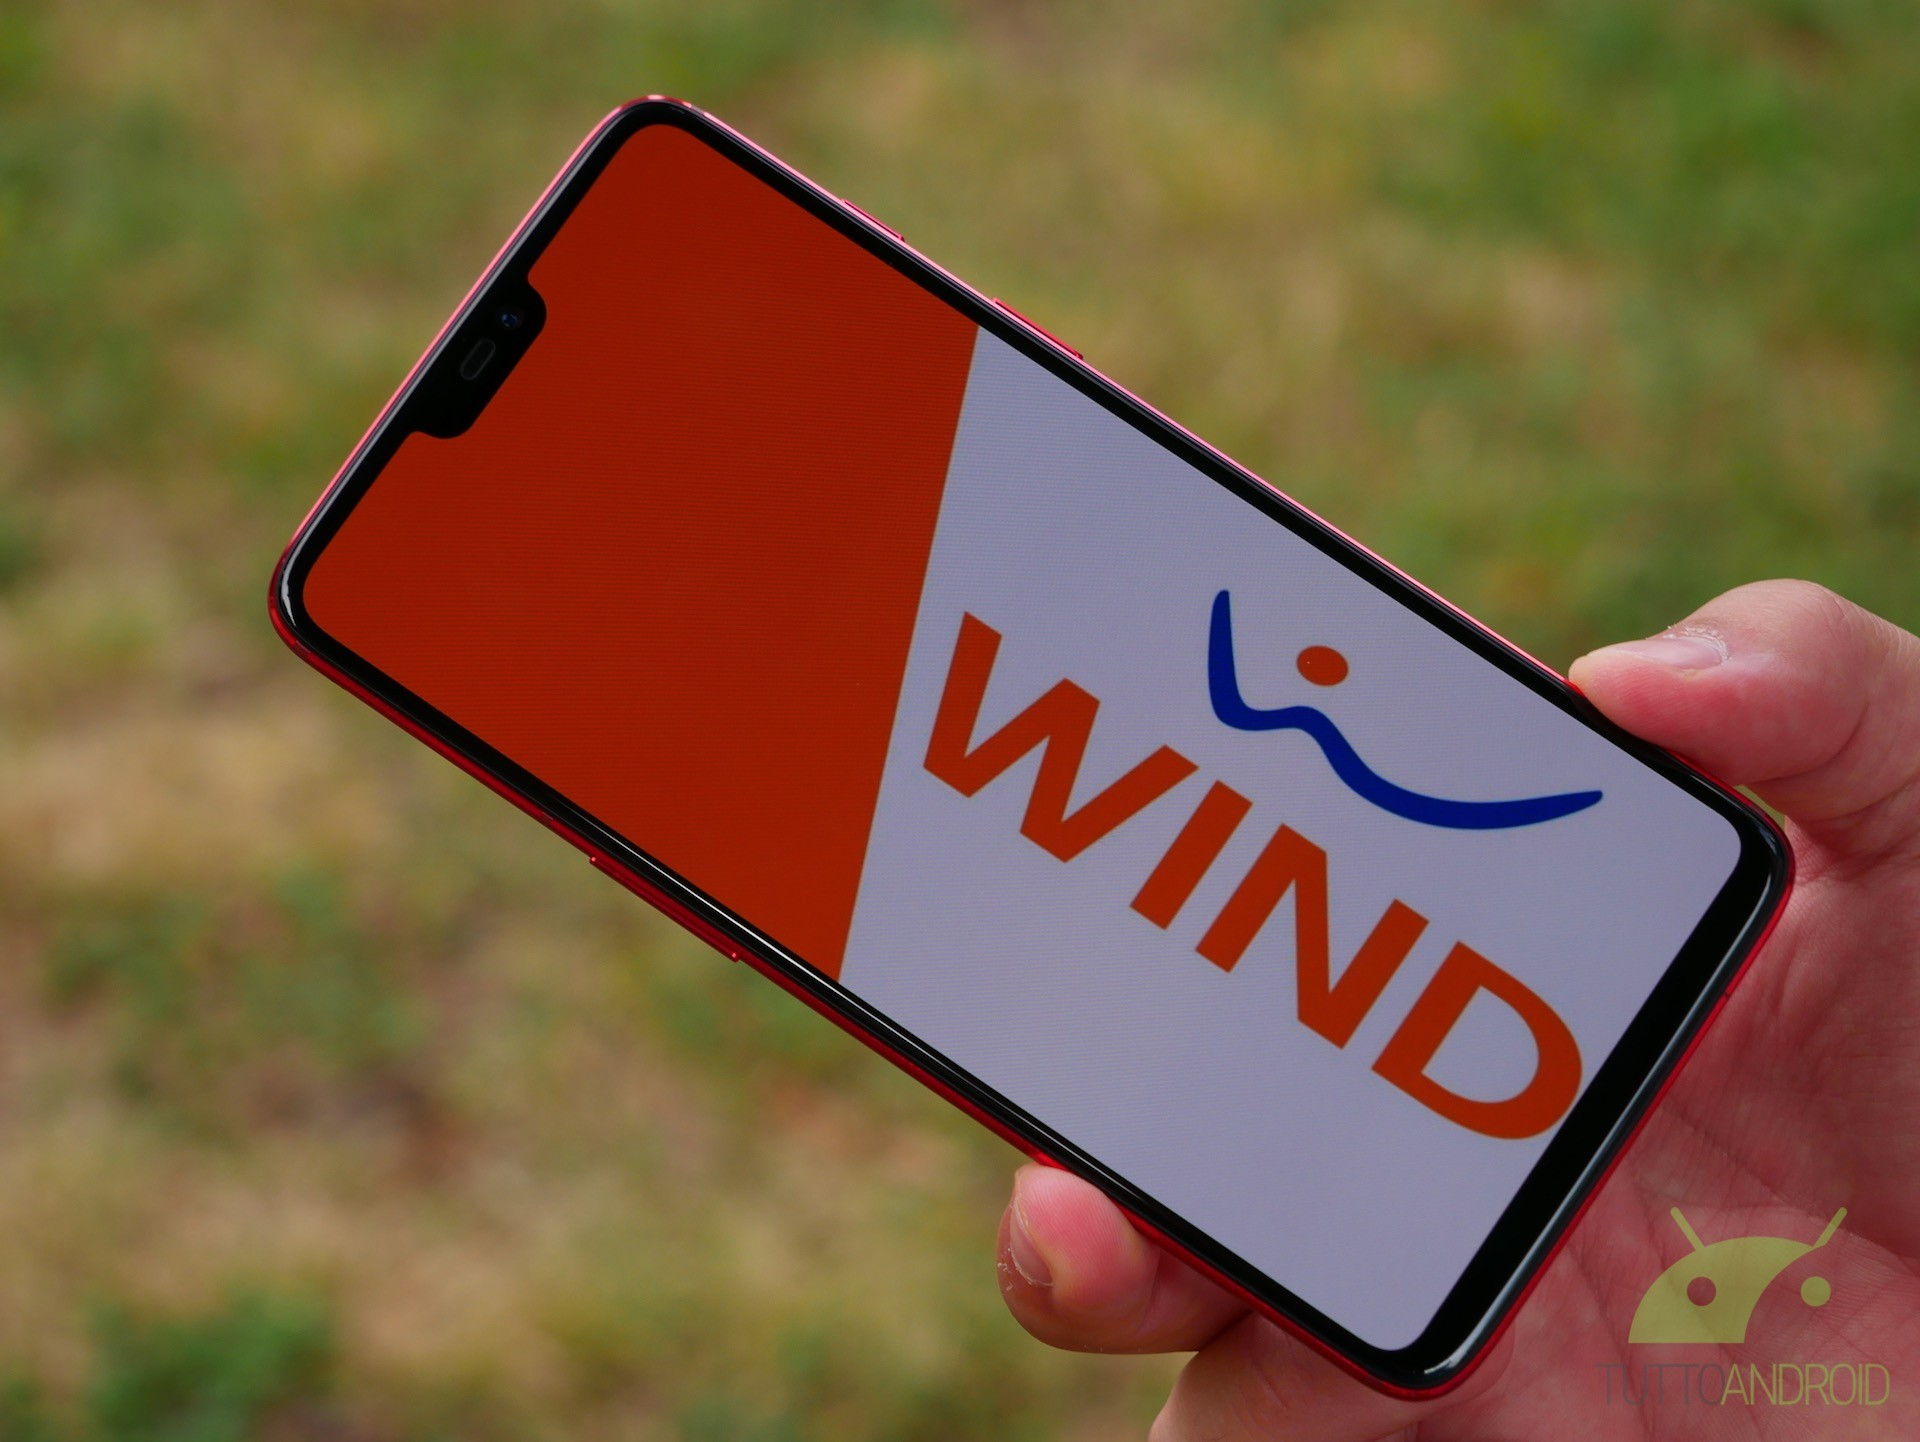 Wind propone un ebook in omaggio e altre opportunità con il